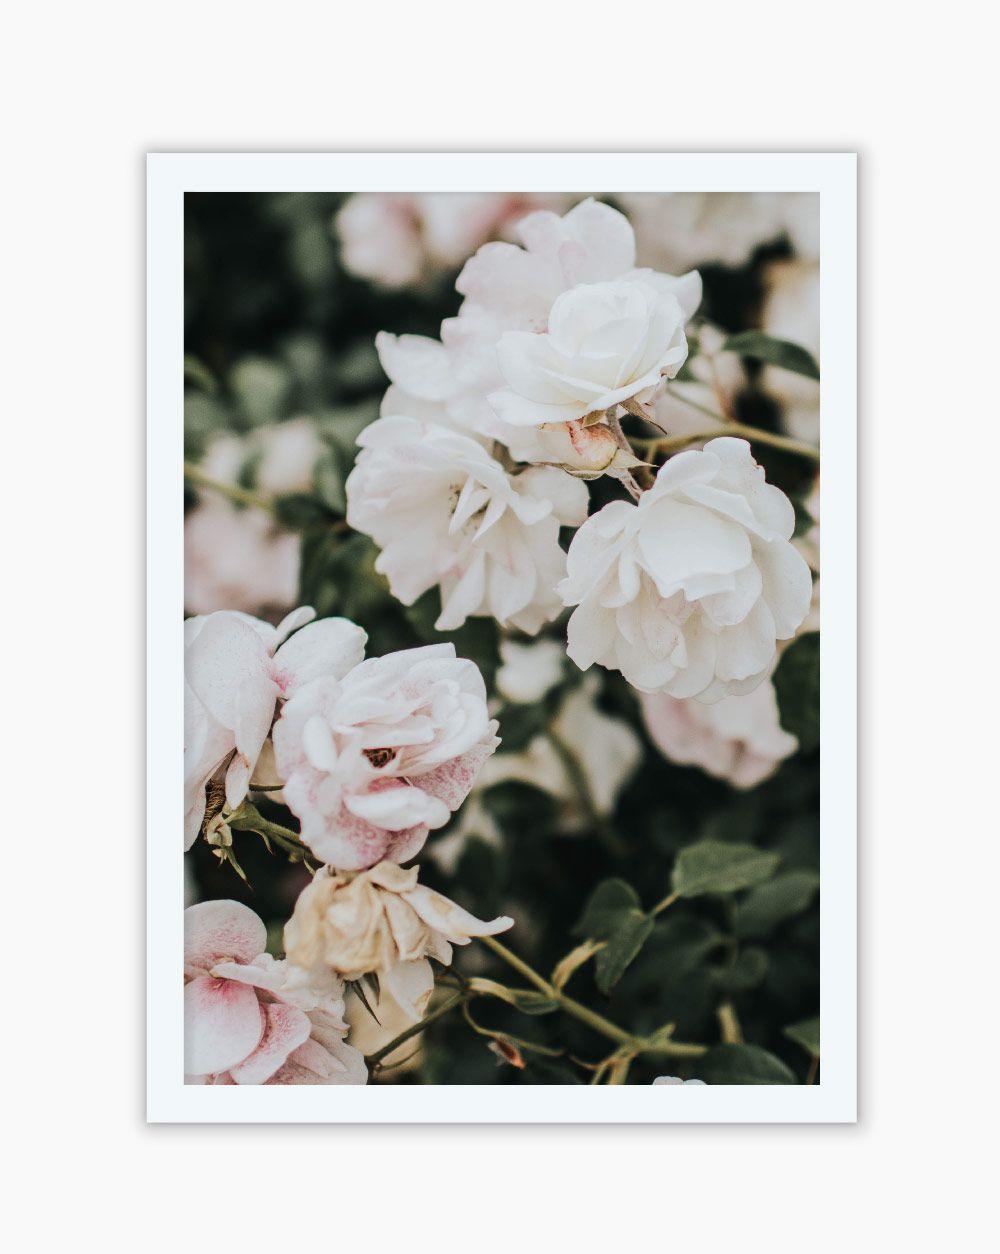 Quadro Elegance White Flowers